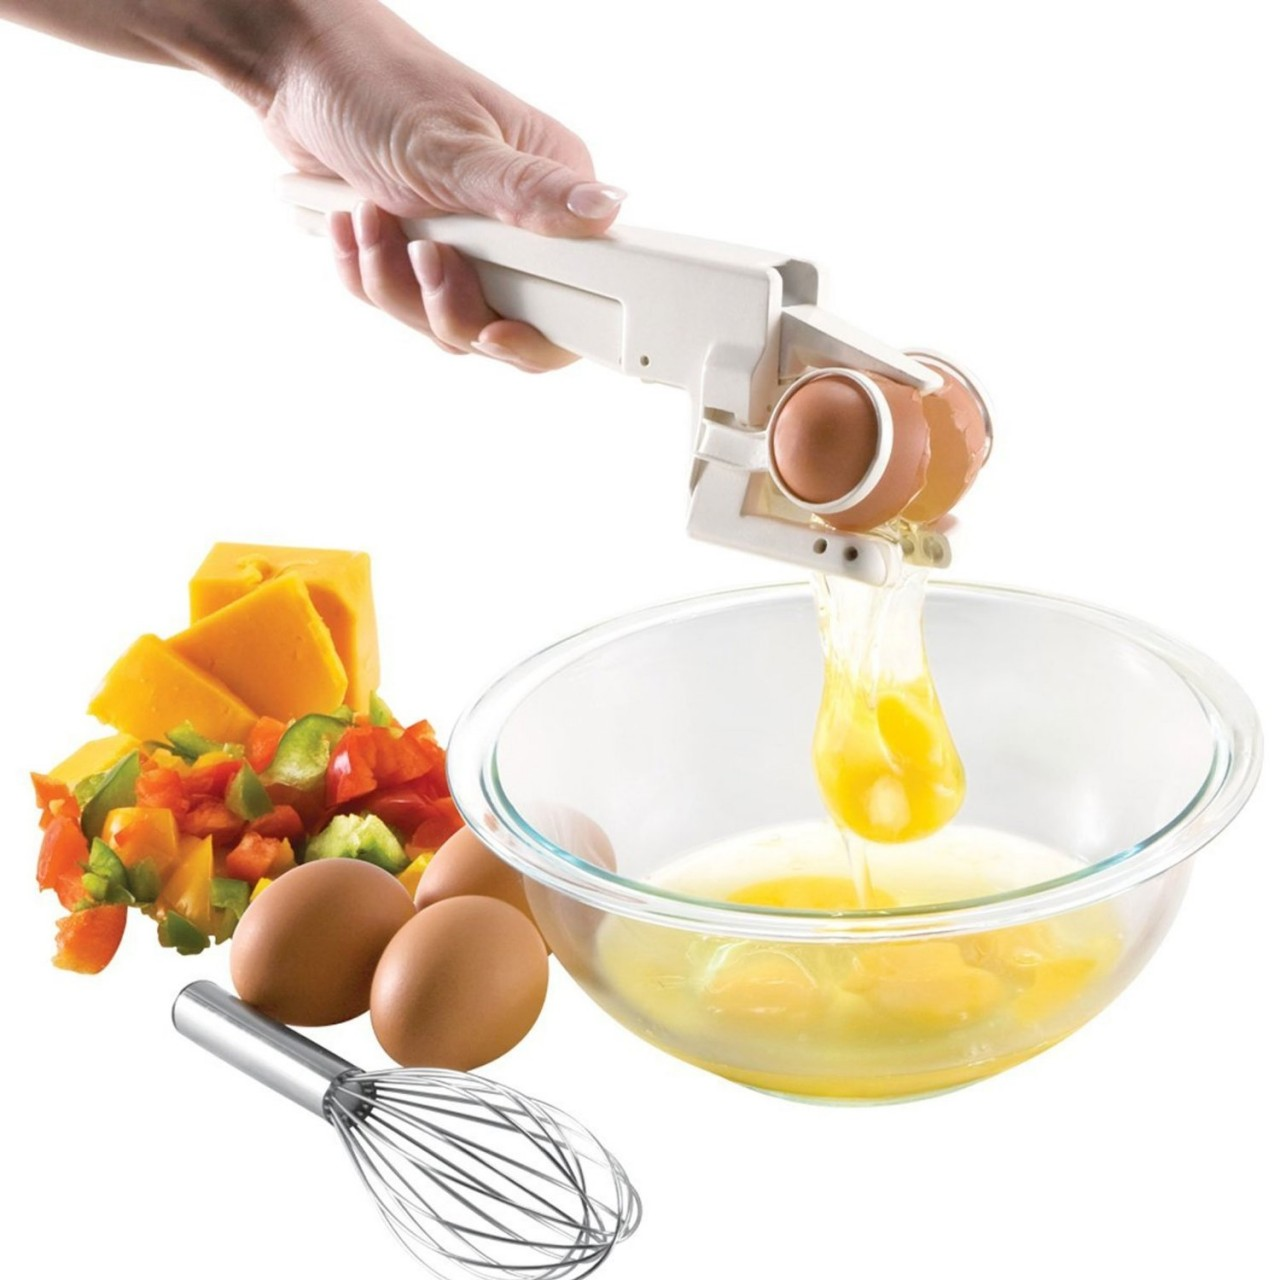 amazing kitchen gadgets big islands la machine a casser les oeufs